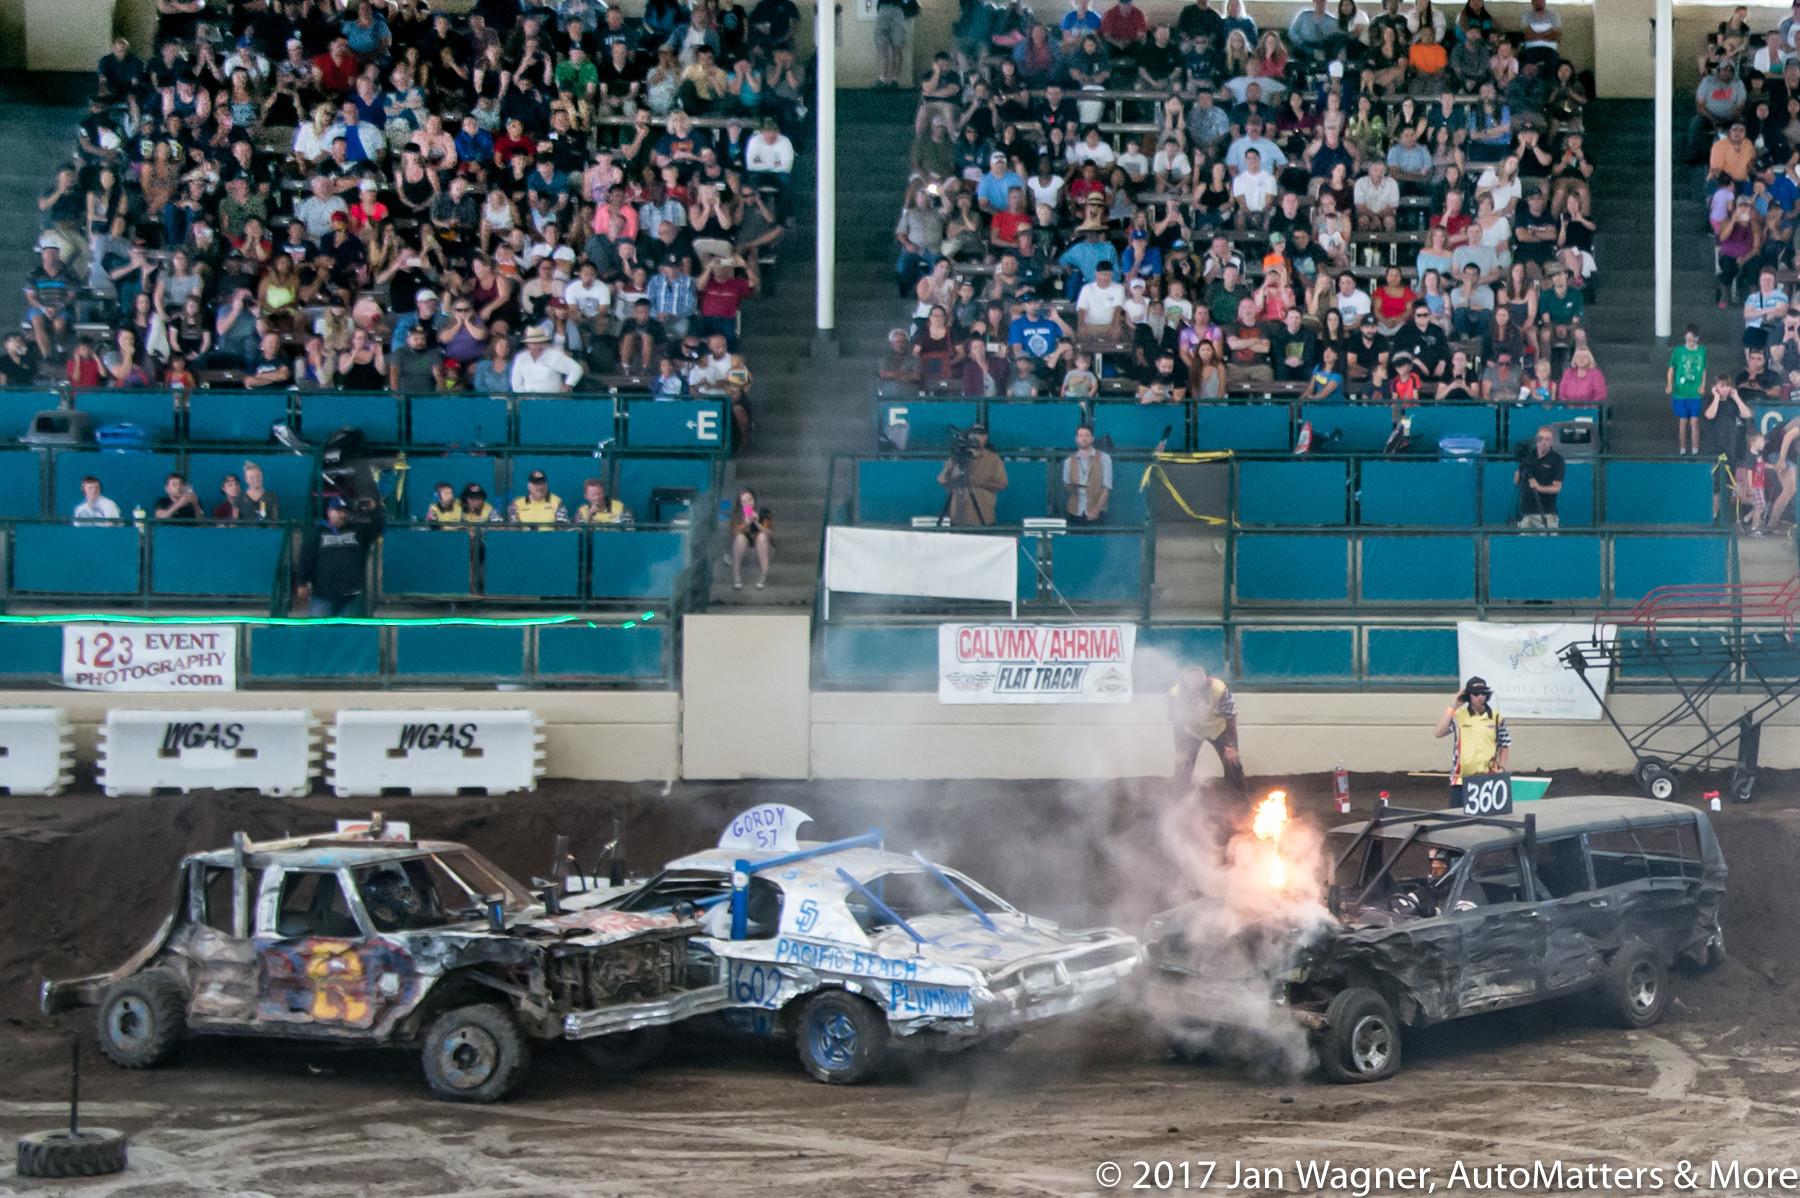 Car on fire!